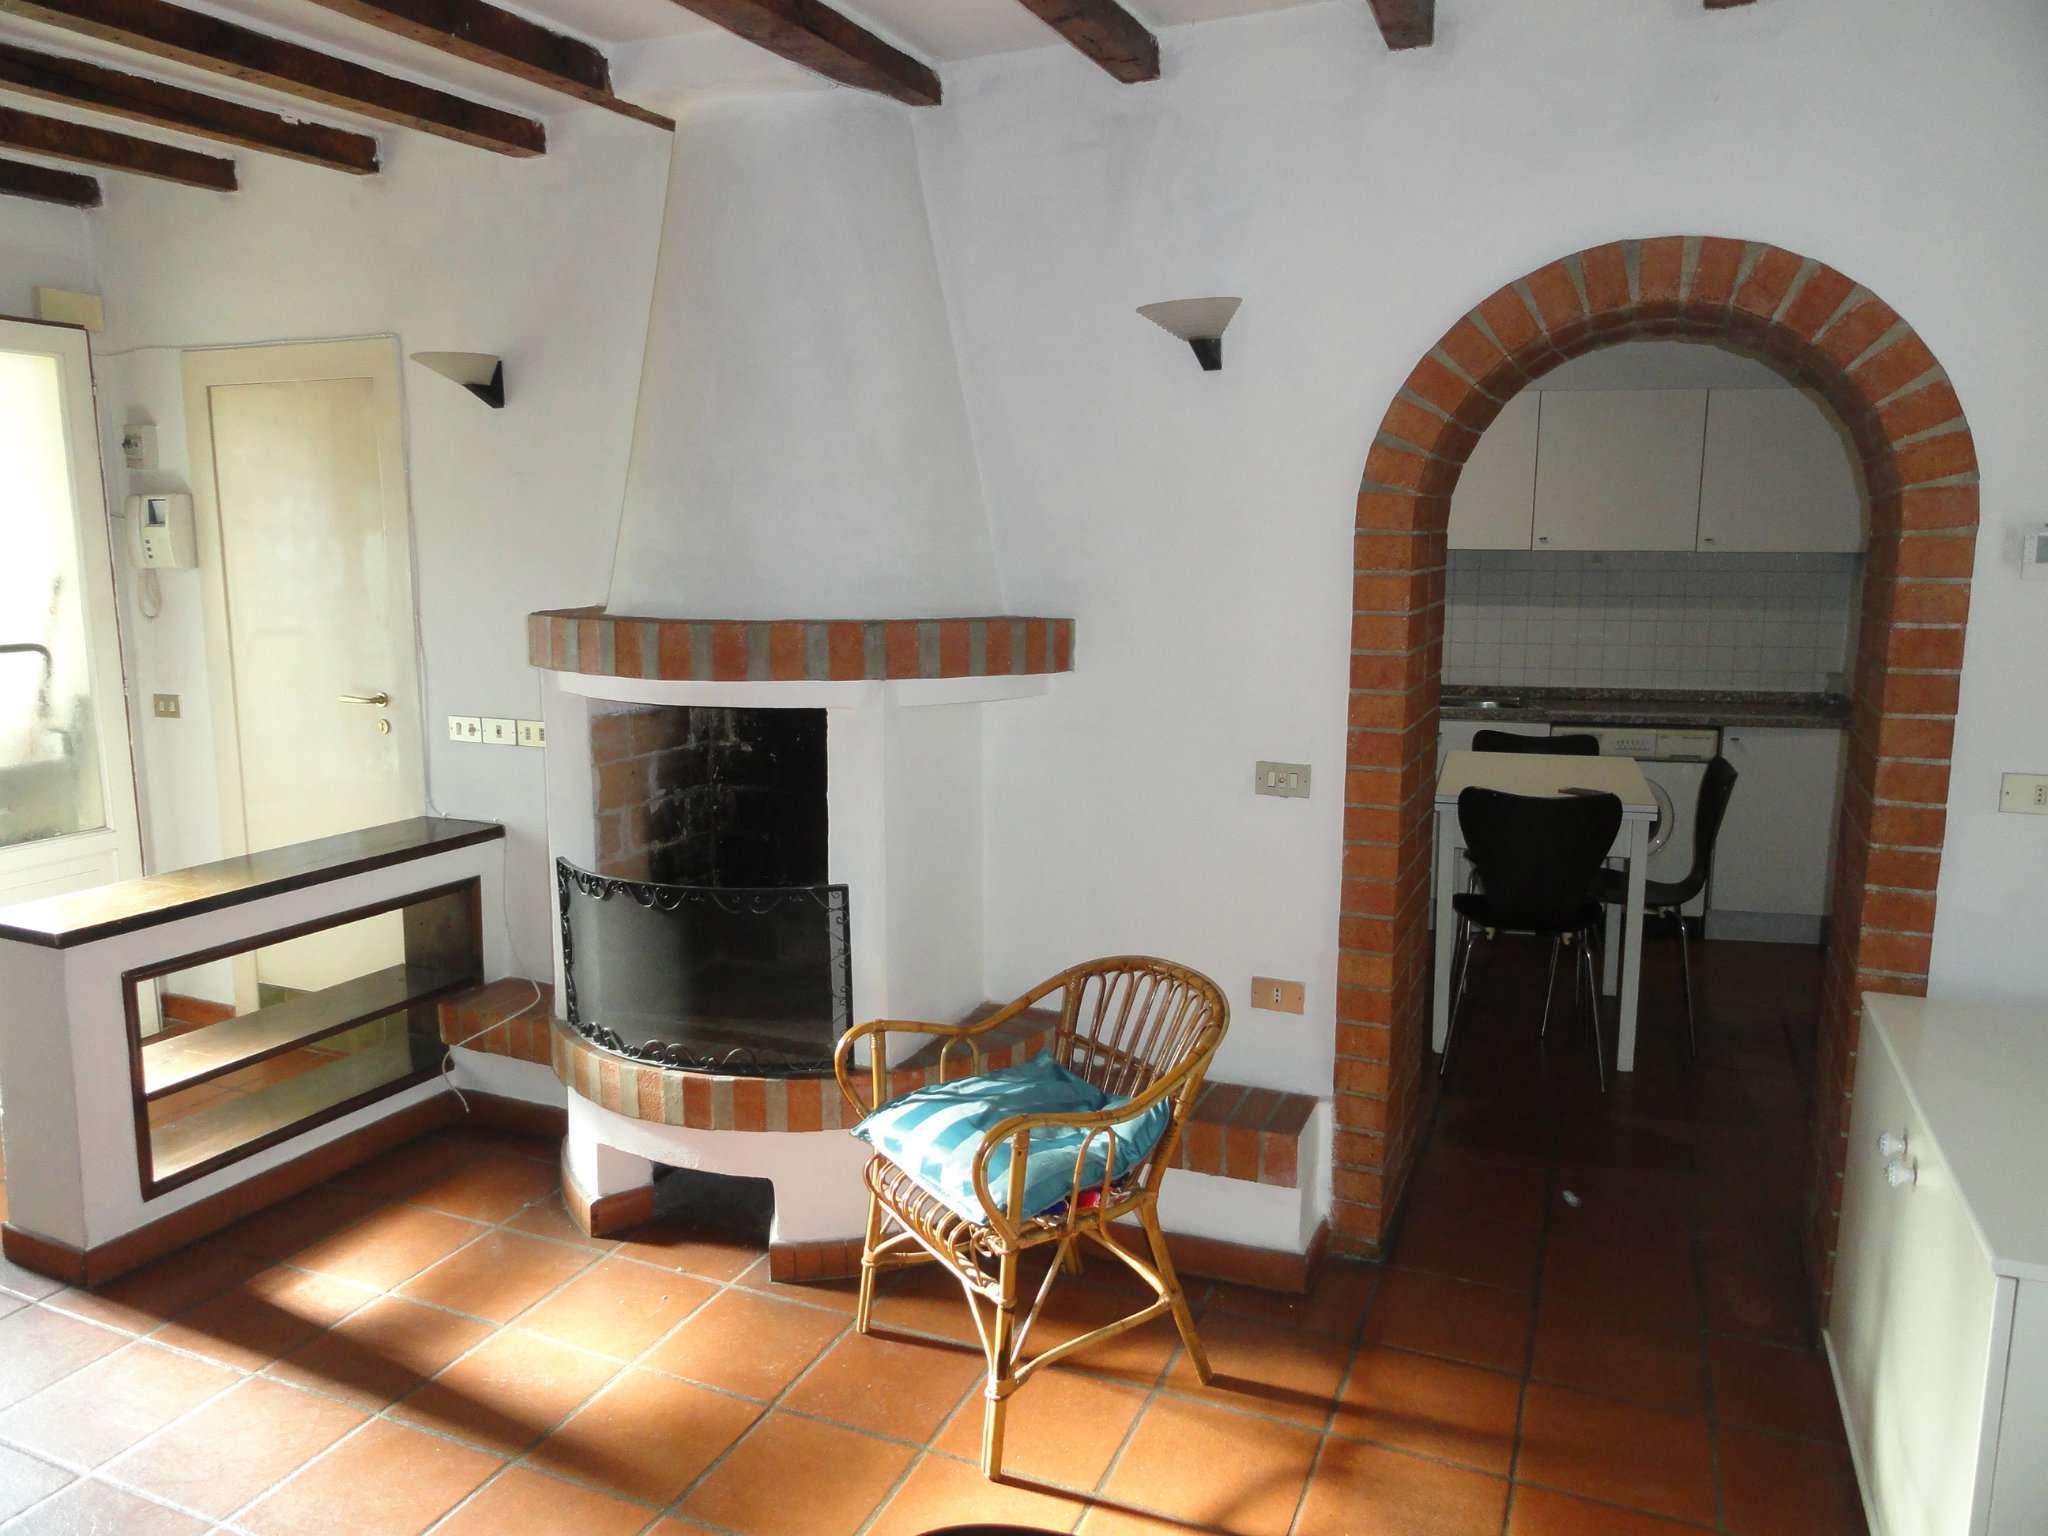 Appartamento in affitto a milano via meravigli trovocasa for Appartamento design affitto milano